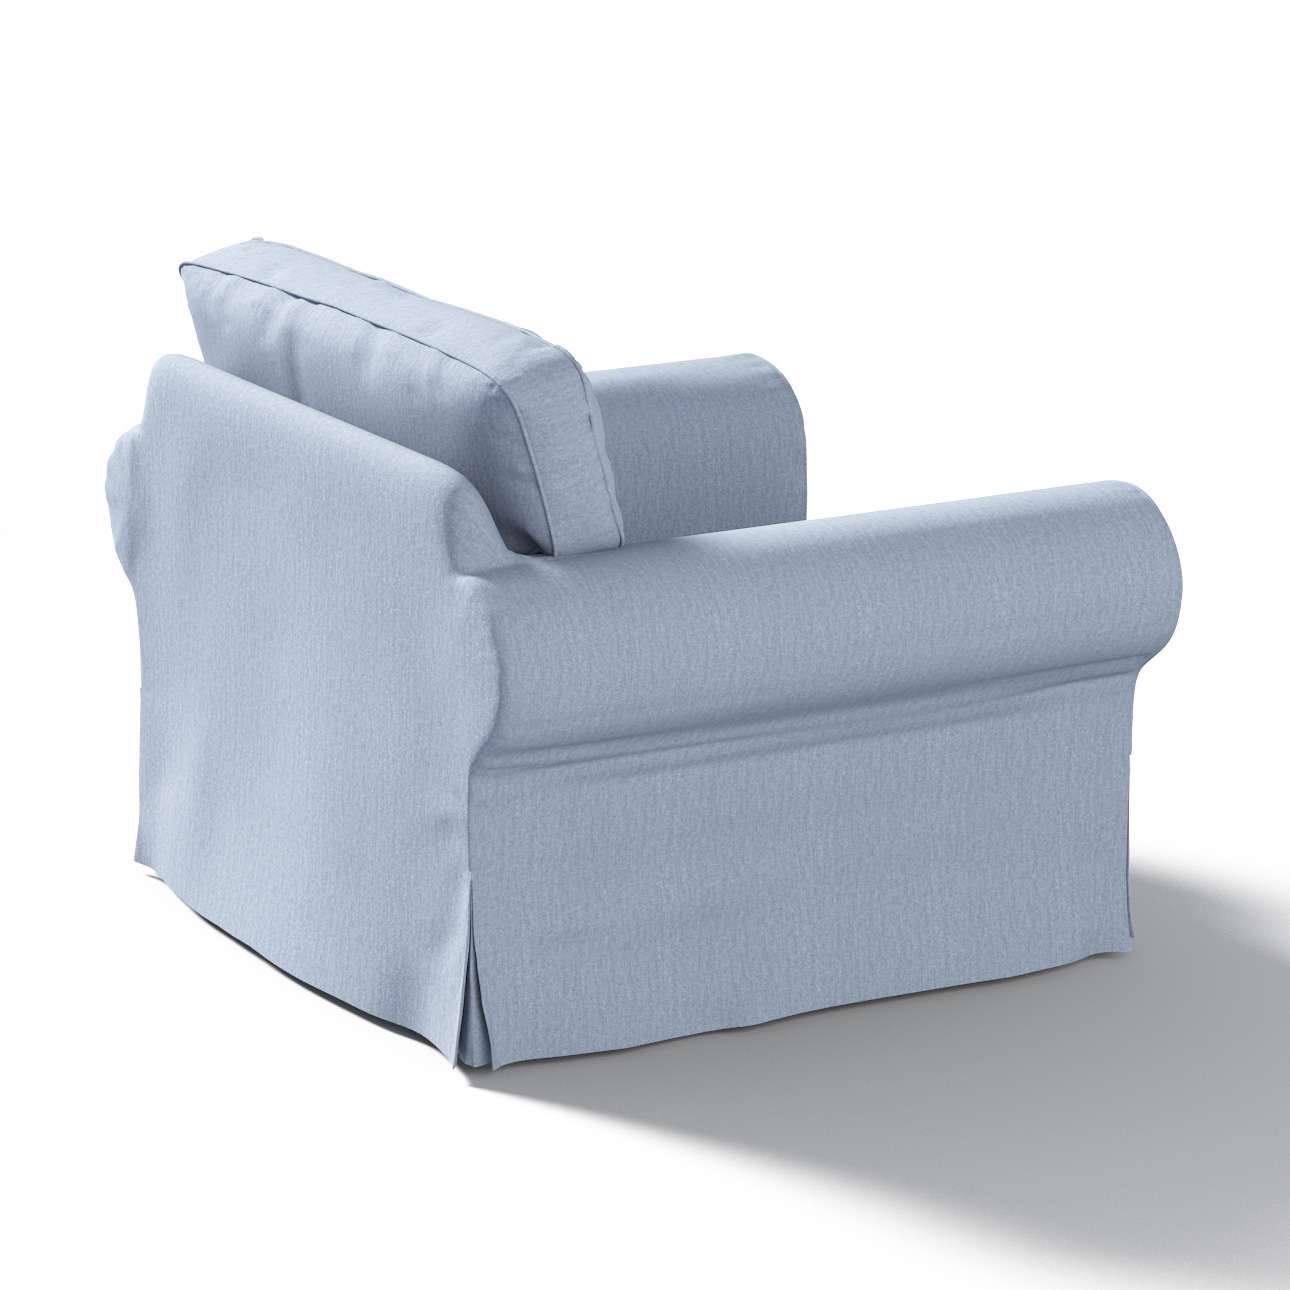 Pokrowiec na fotel Ektorp w kolekcji Chenille, tkanina: 702-13